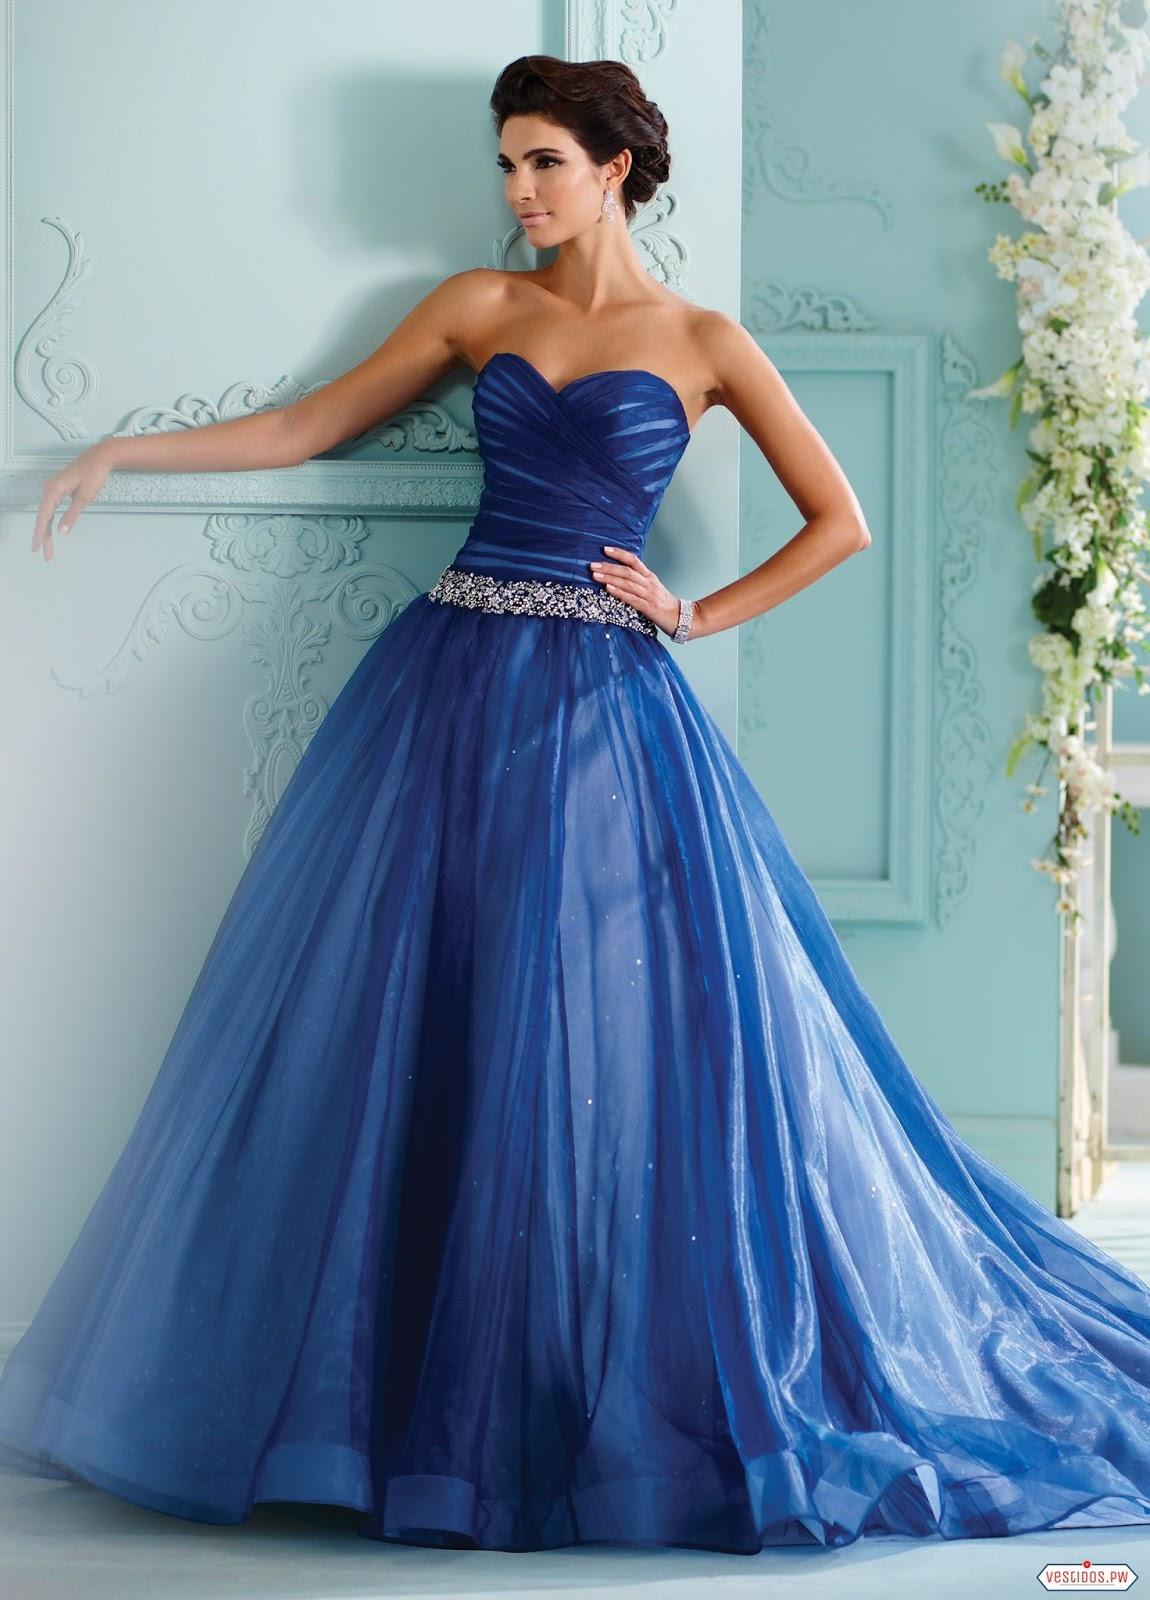 Colorful Paginas Para Comprar Vestidos De Novia Crest - All Wedding ...